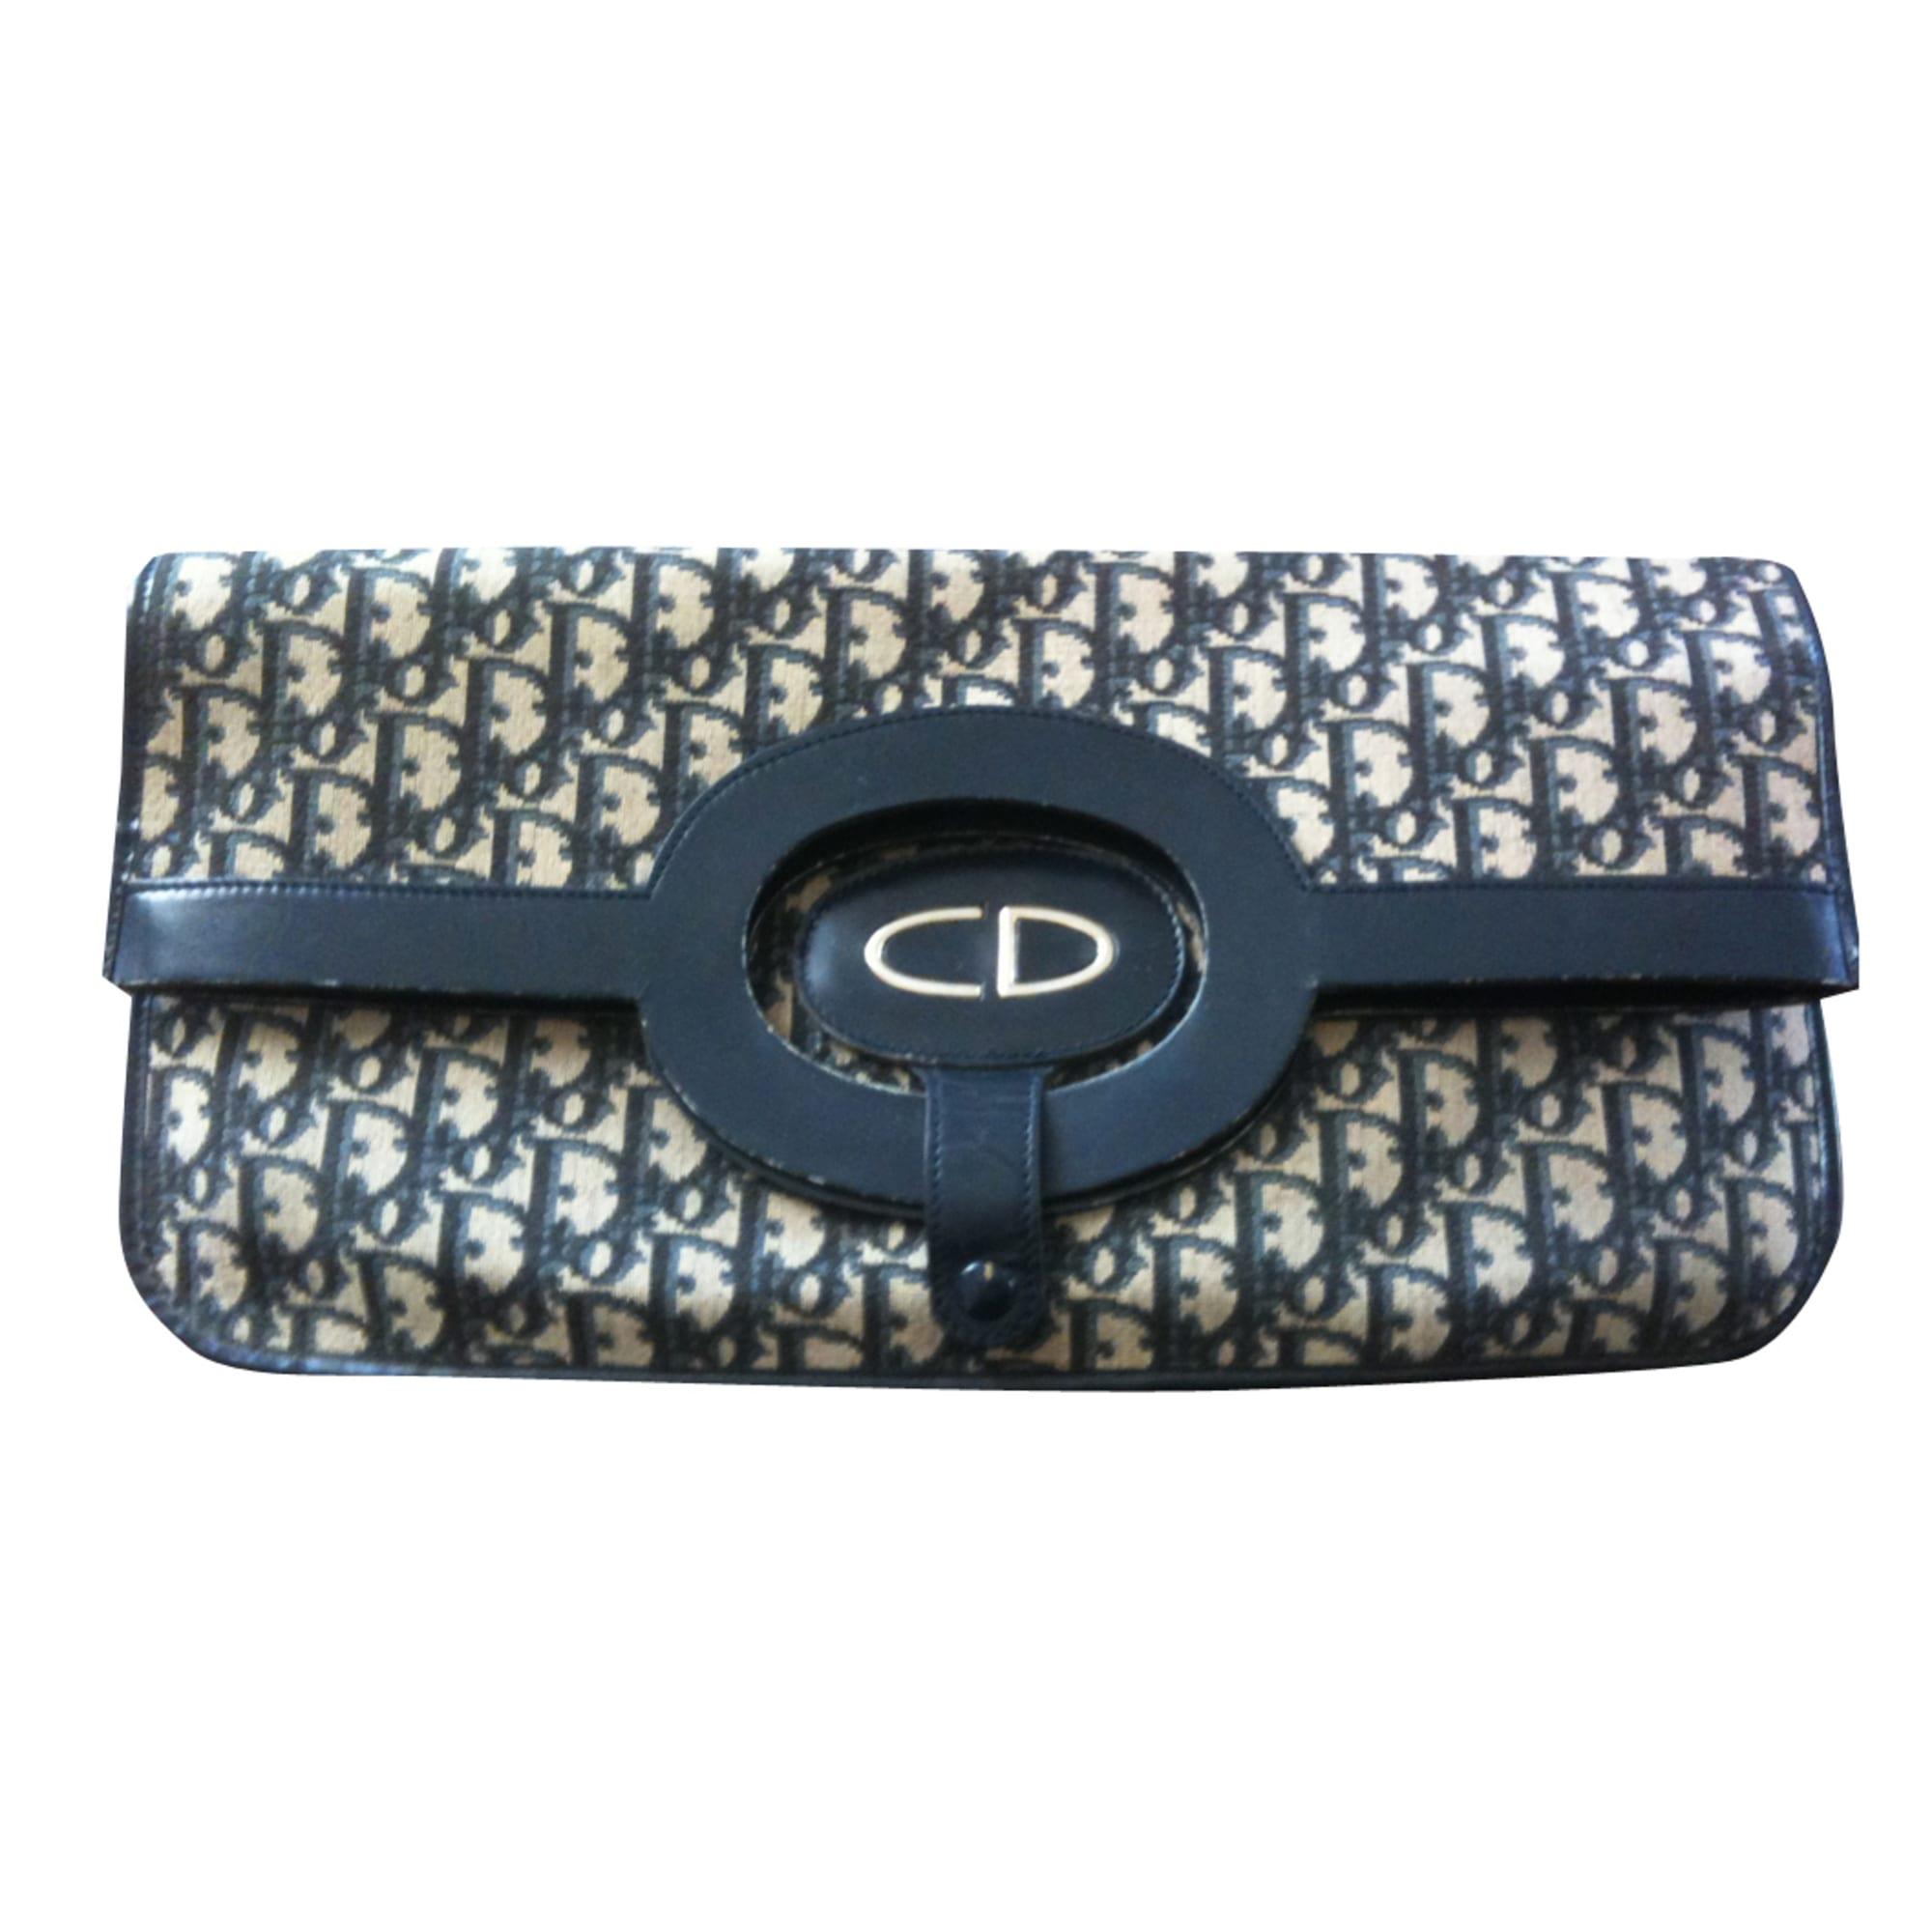 Sac à main en tissu DIOR bleu vendu par D audrey 1298051 - 486435 fd86fe9f489